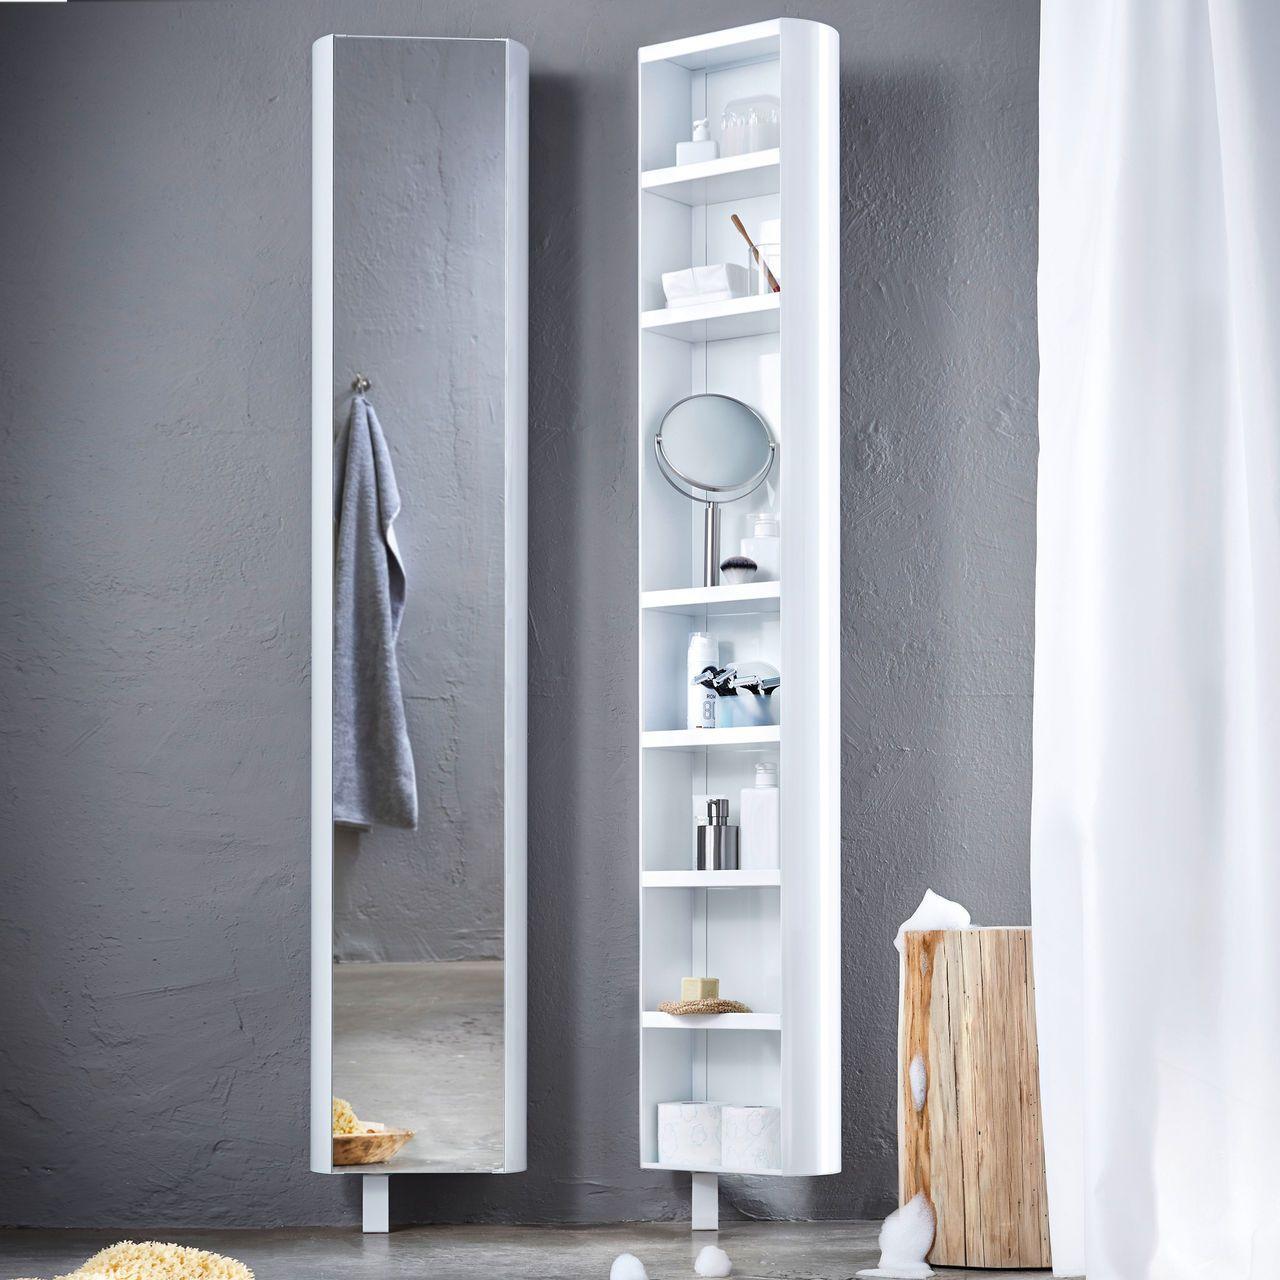 Dieses Regal Von Jan Kurtz Hat Den Dreh Raus Regal Spiegelschrank Bad Mobel Shop